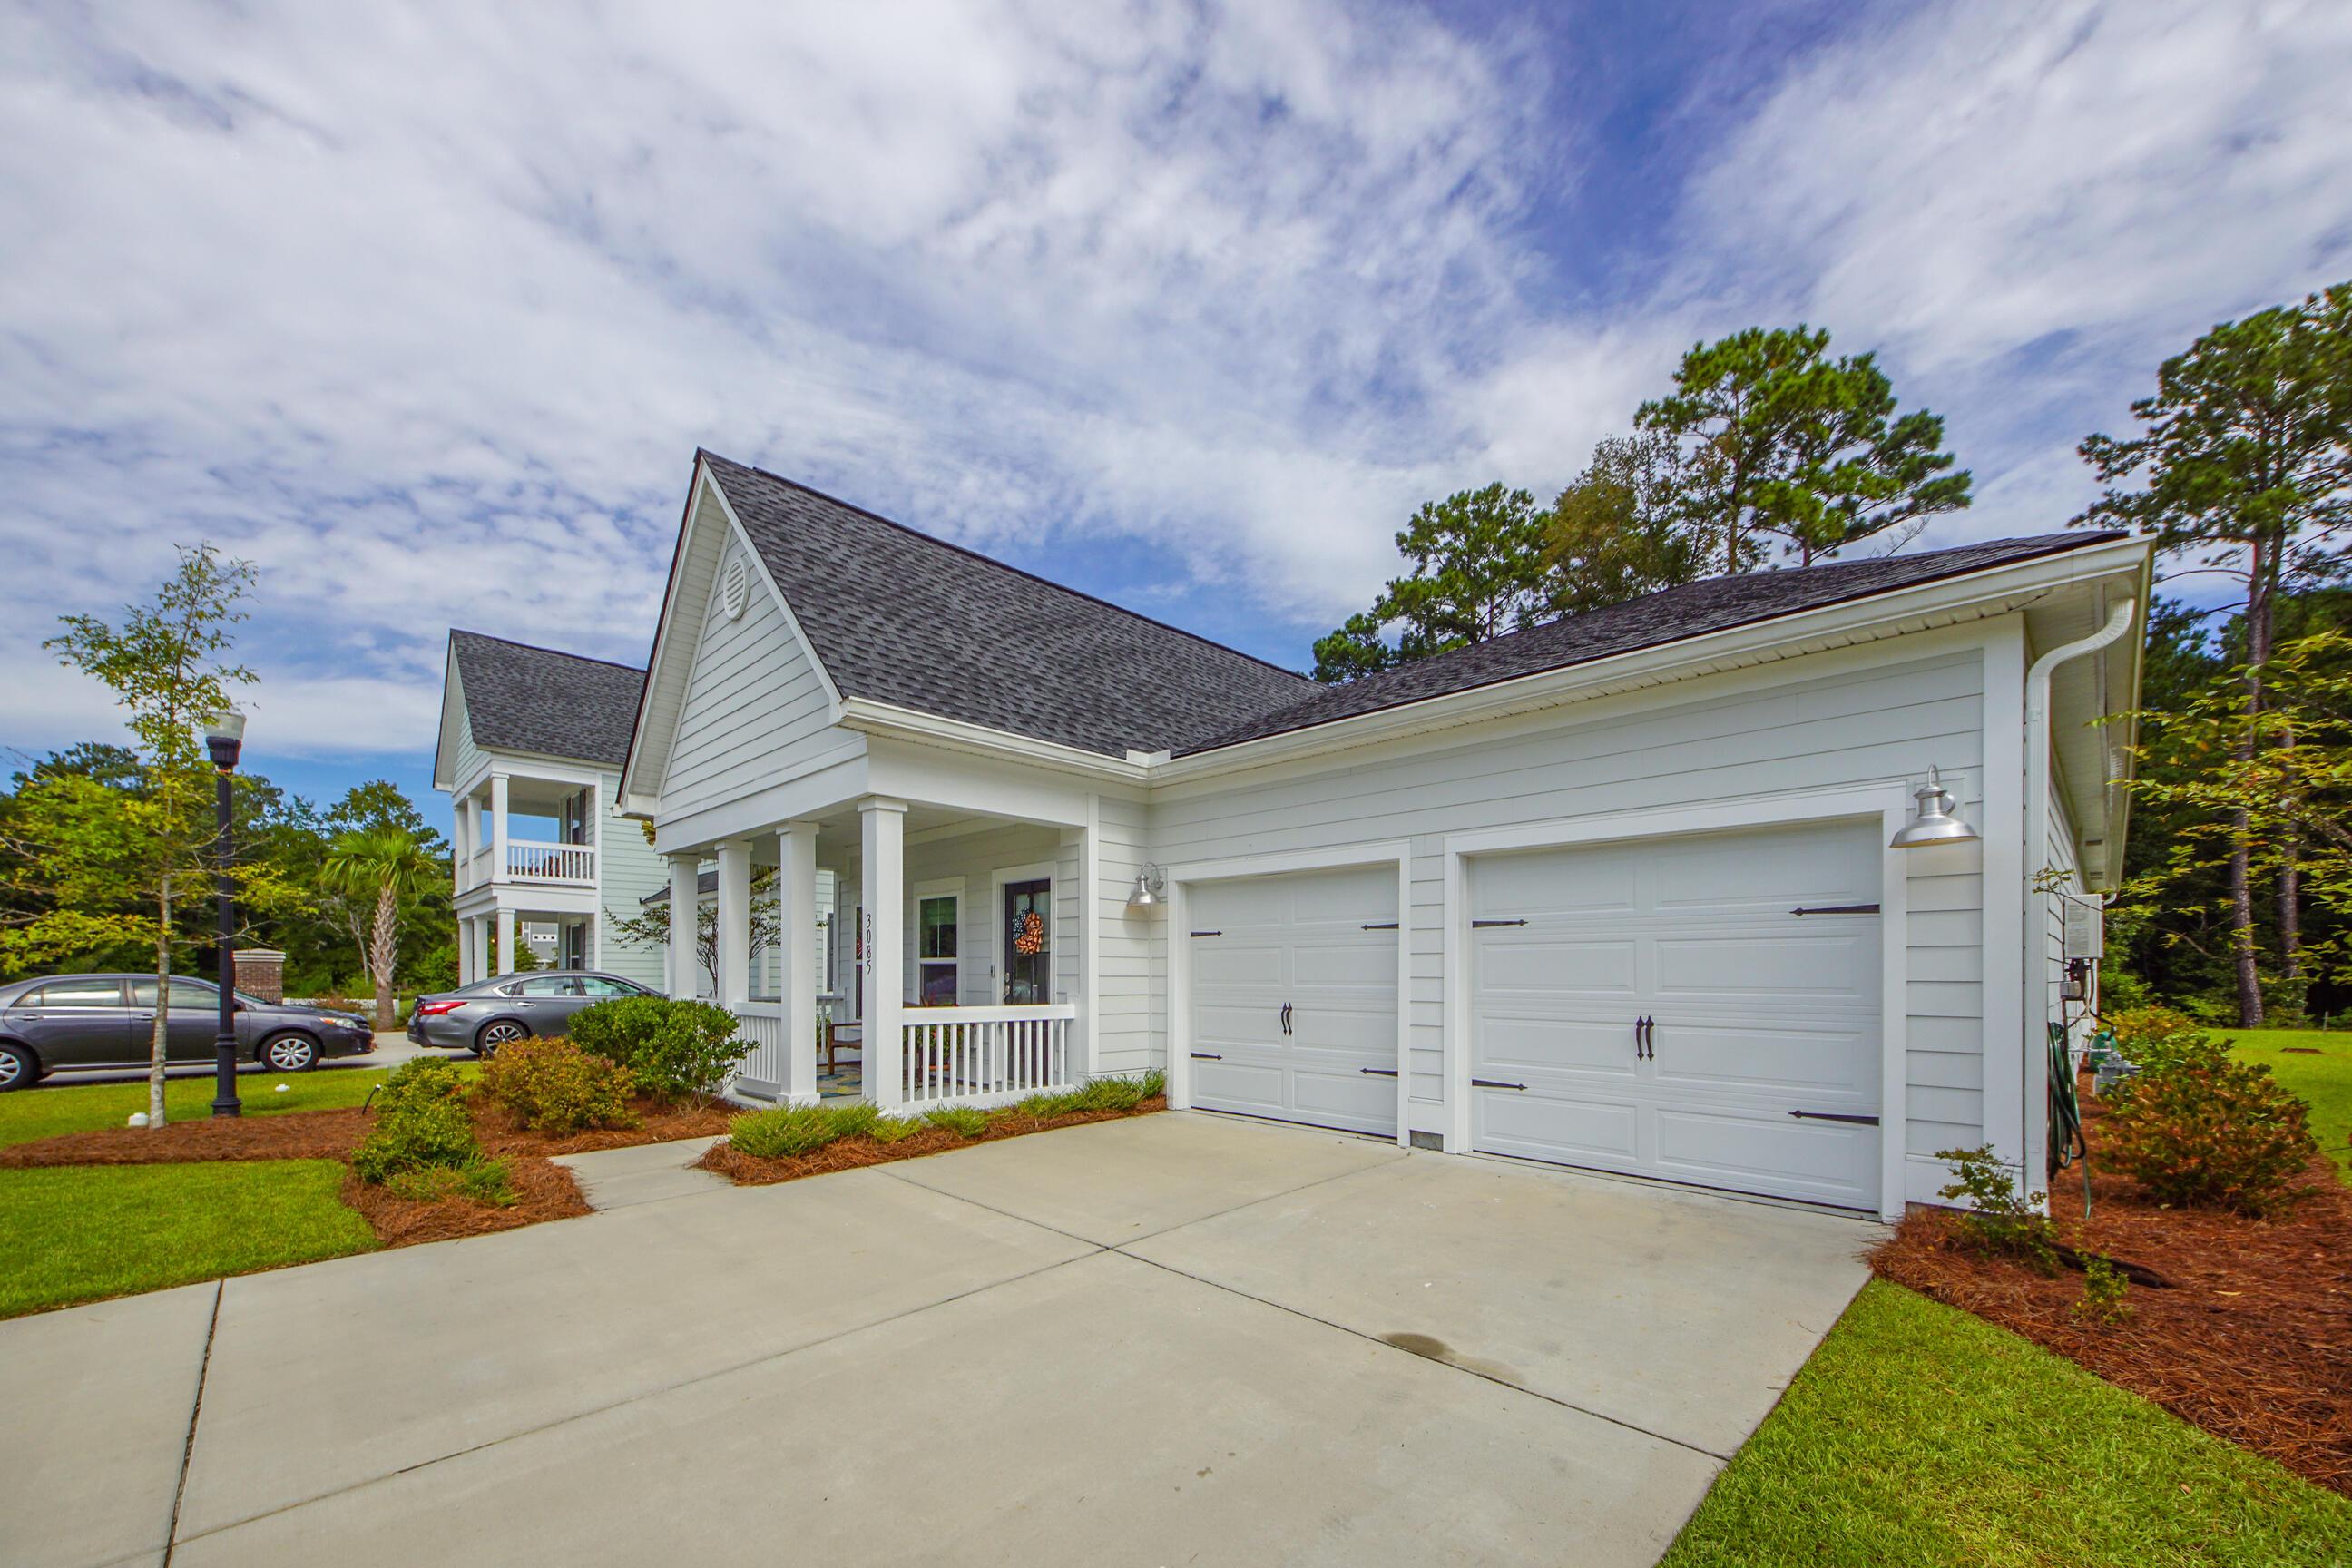 Park West Homes For Sale - 3085 Caspian, Mount Pleasant, SC - 23